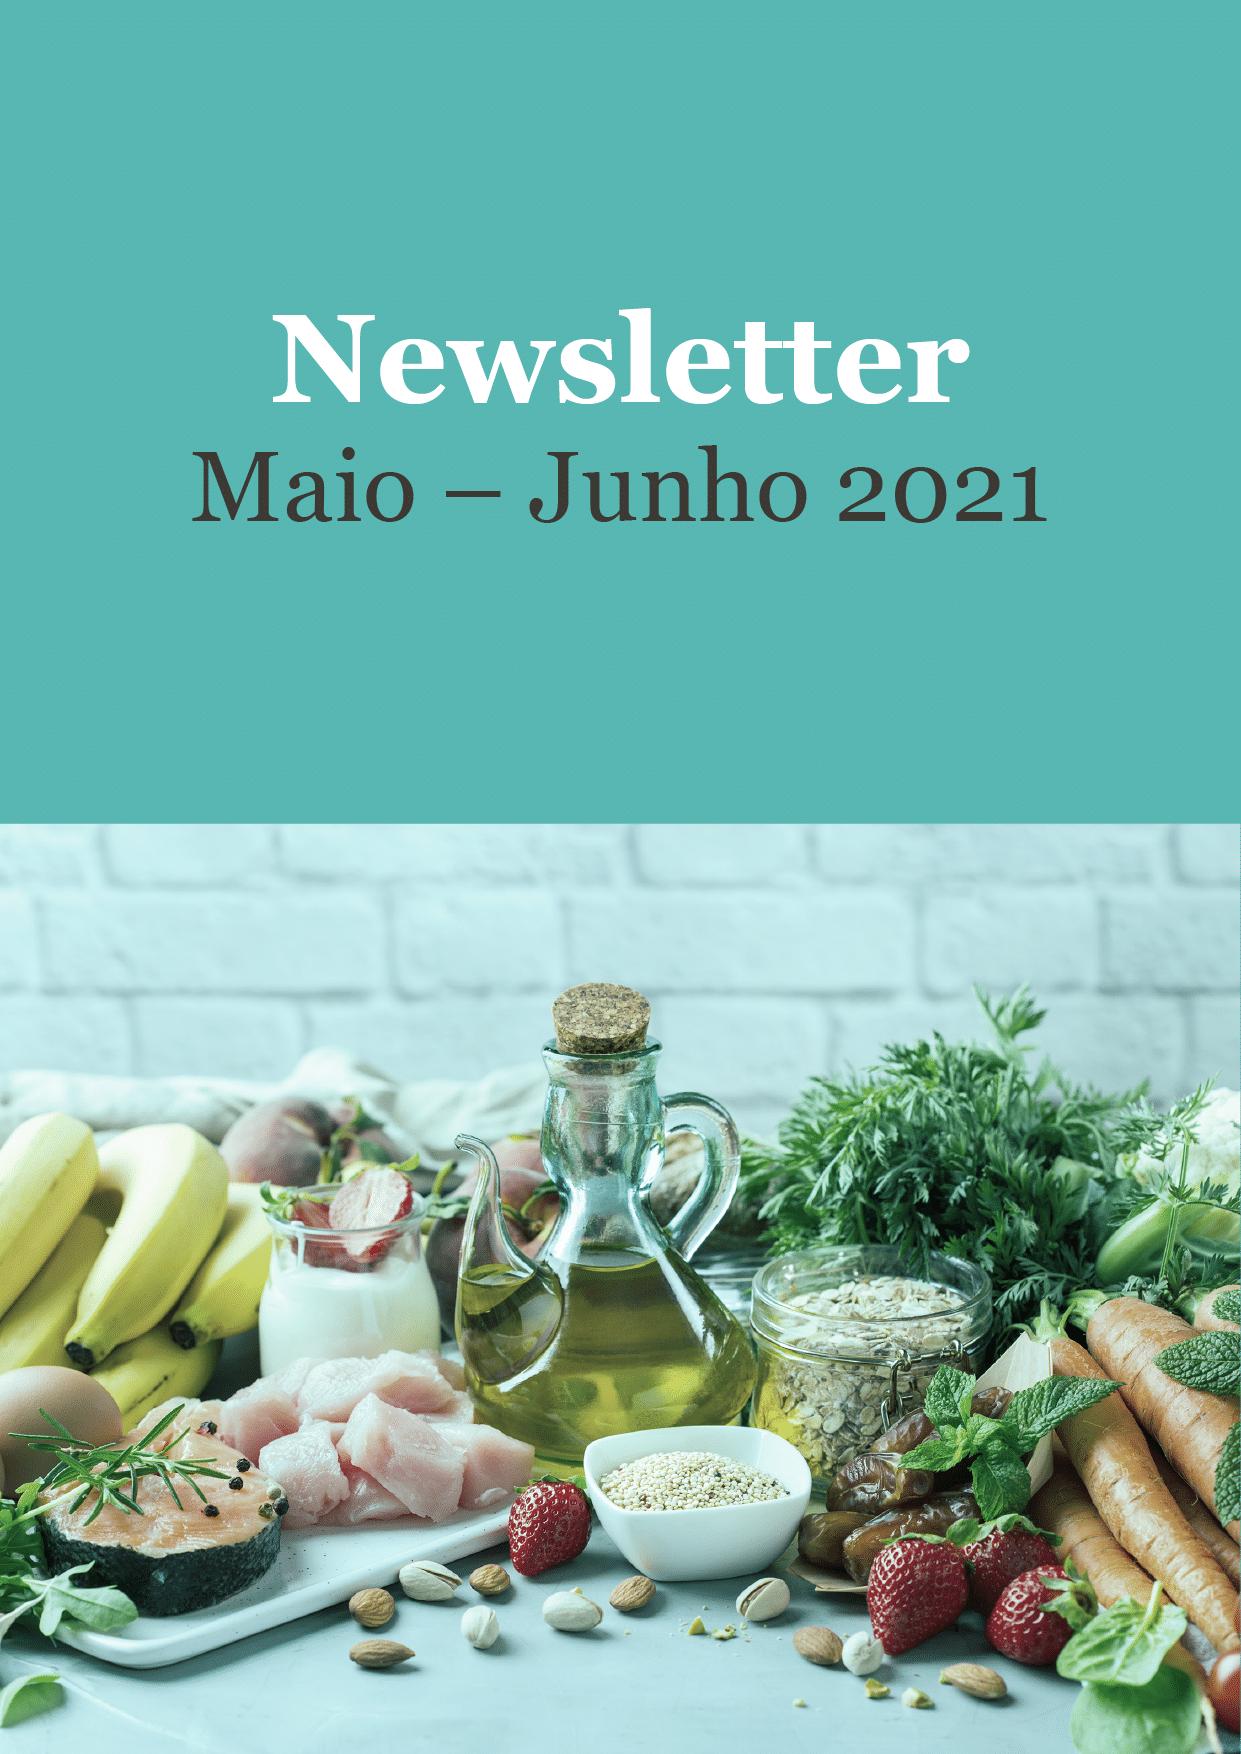 Newsletter 09-10